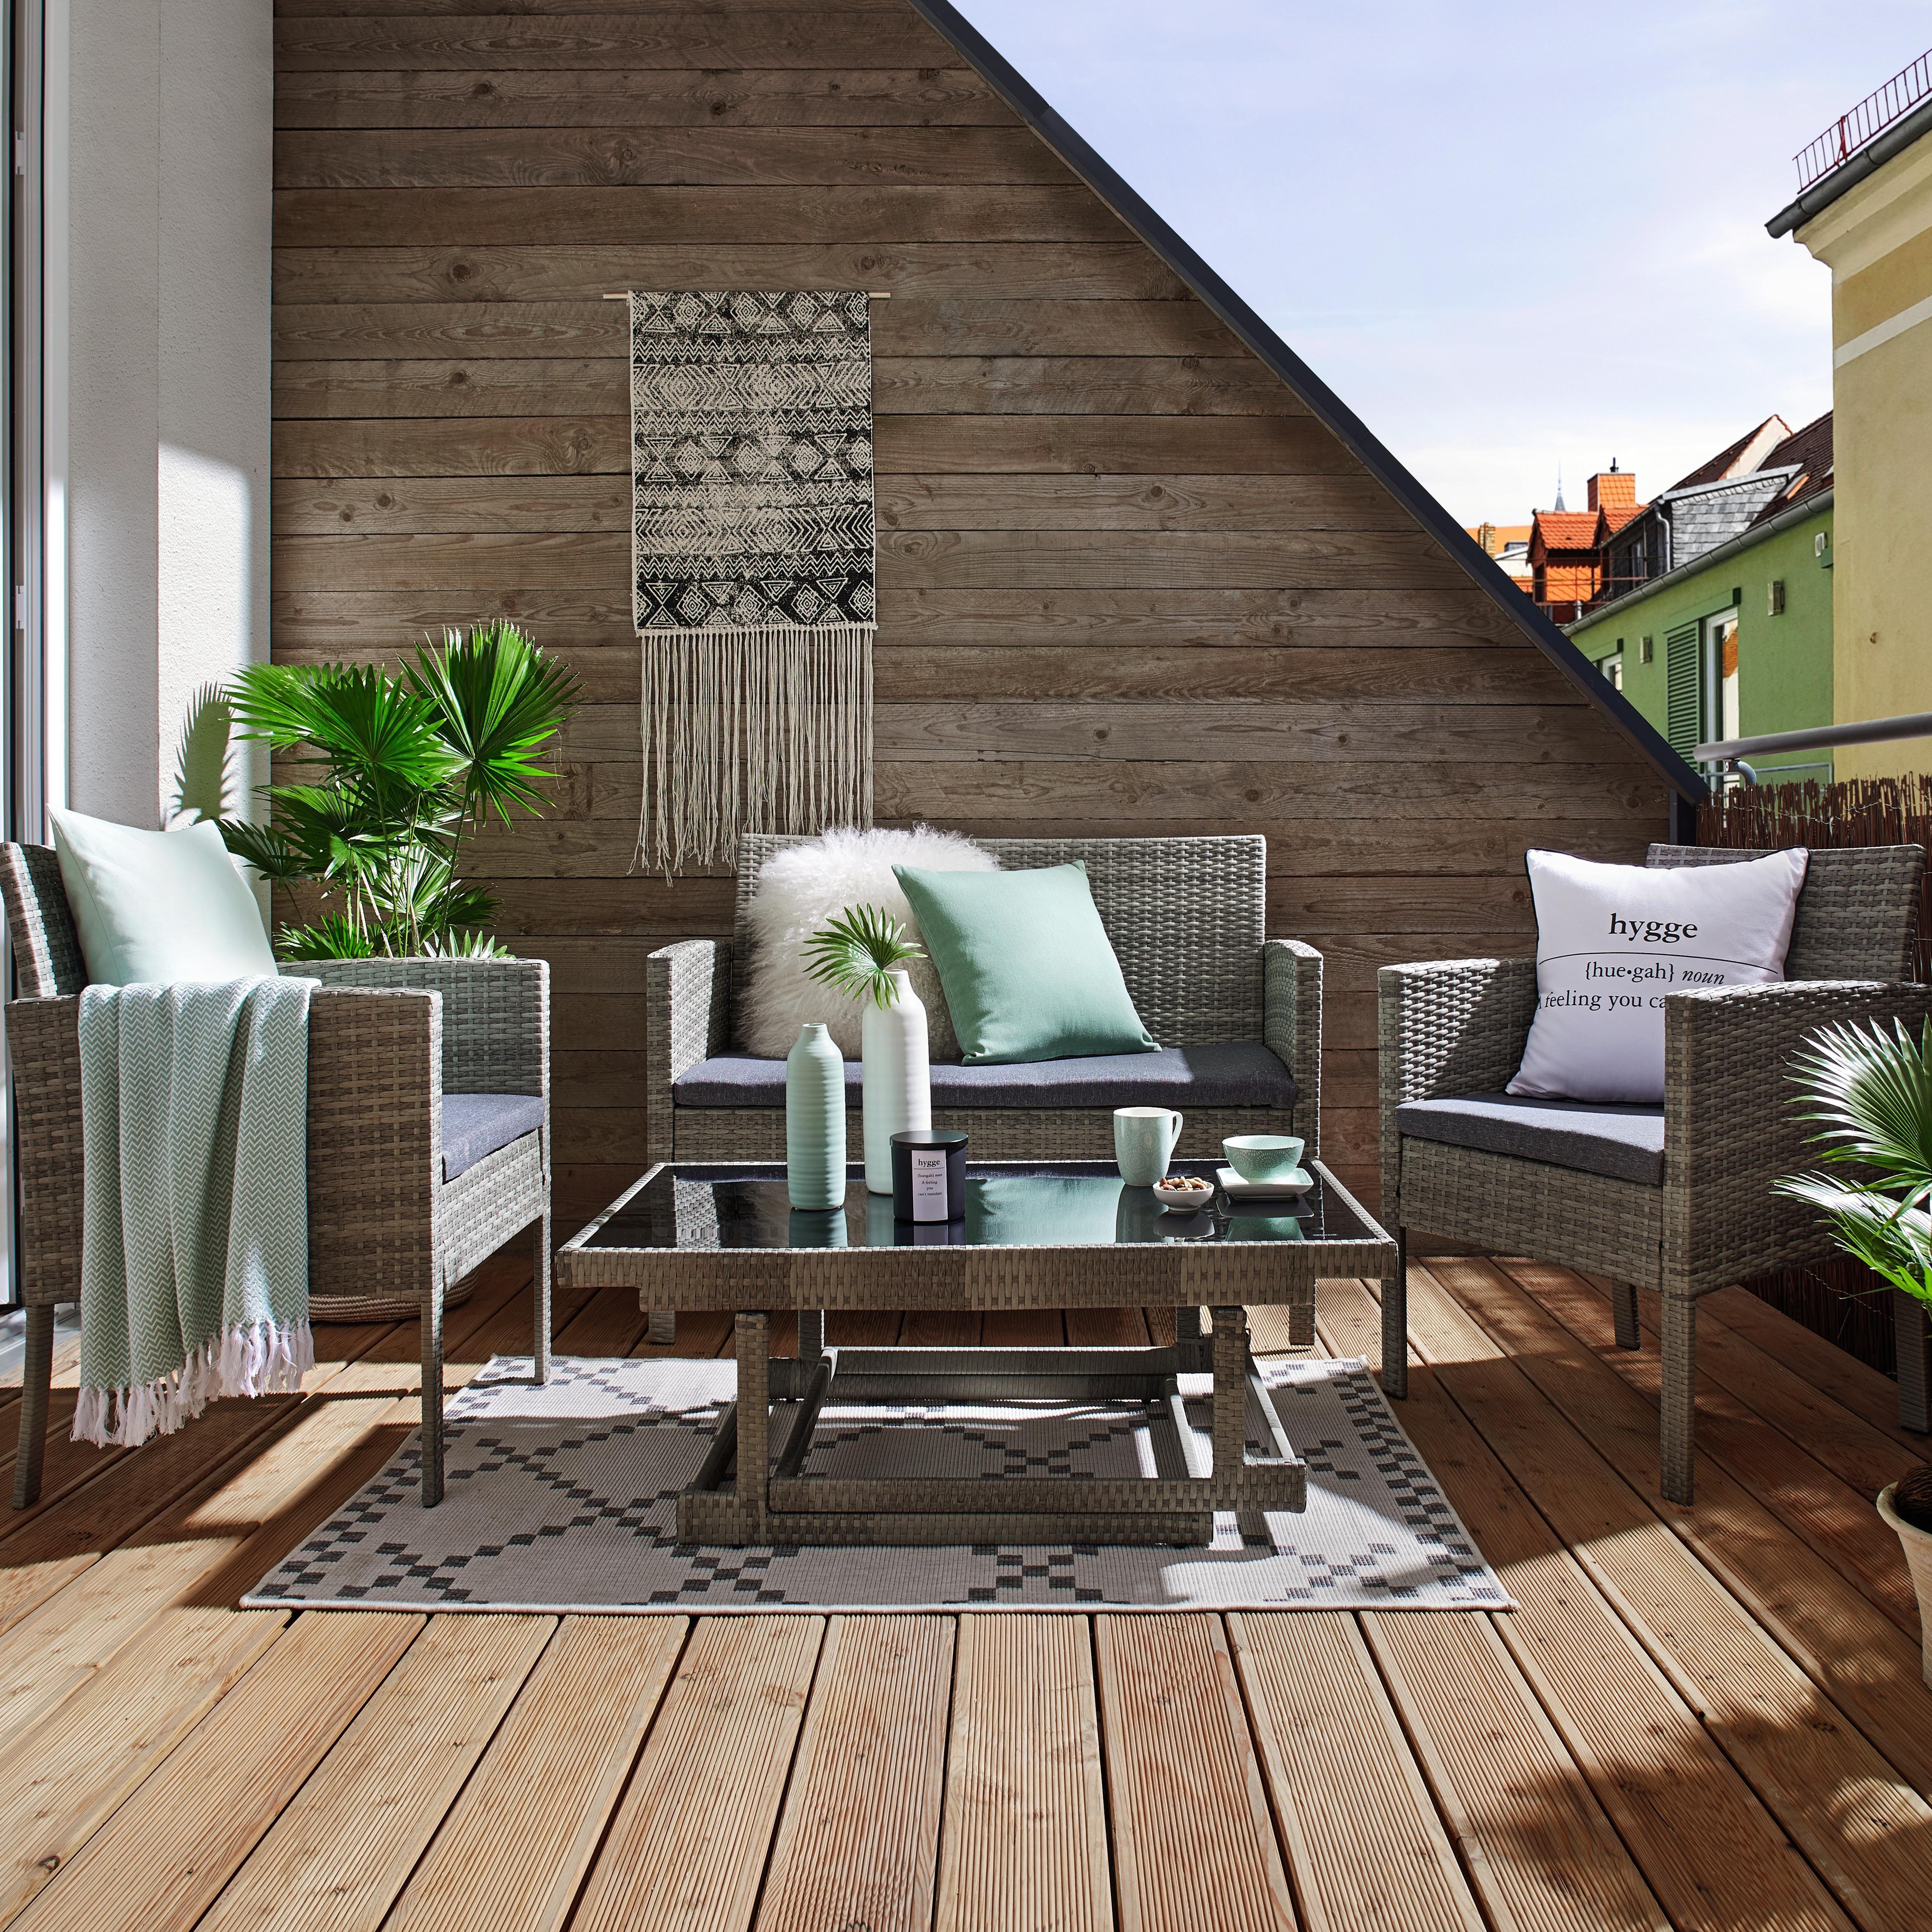 Loungegarnitur In Grau Schwarz Hohenverstellbar Gartenmobel Sets Outdoor Dekorationen Aussenmobel